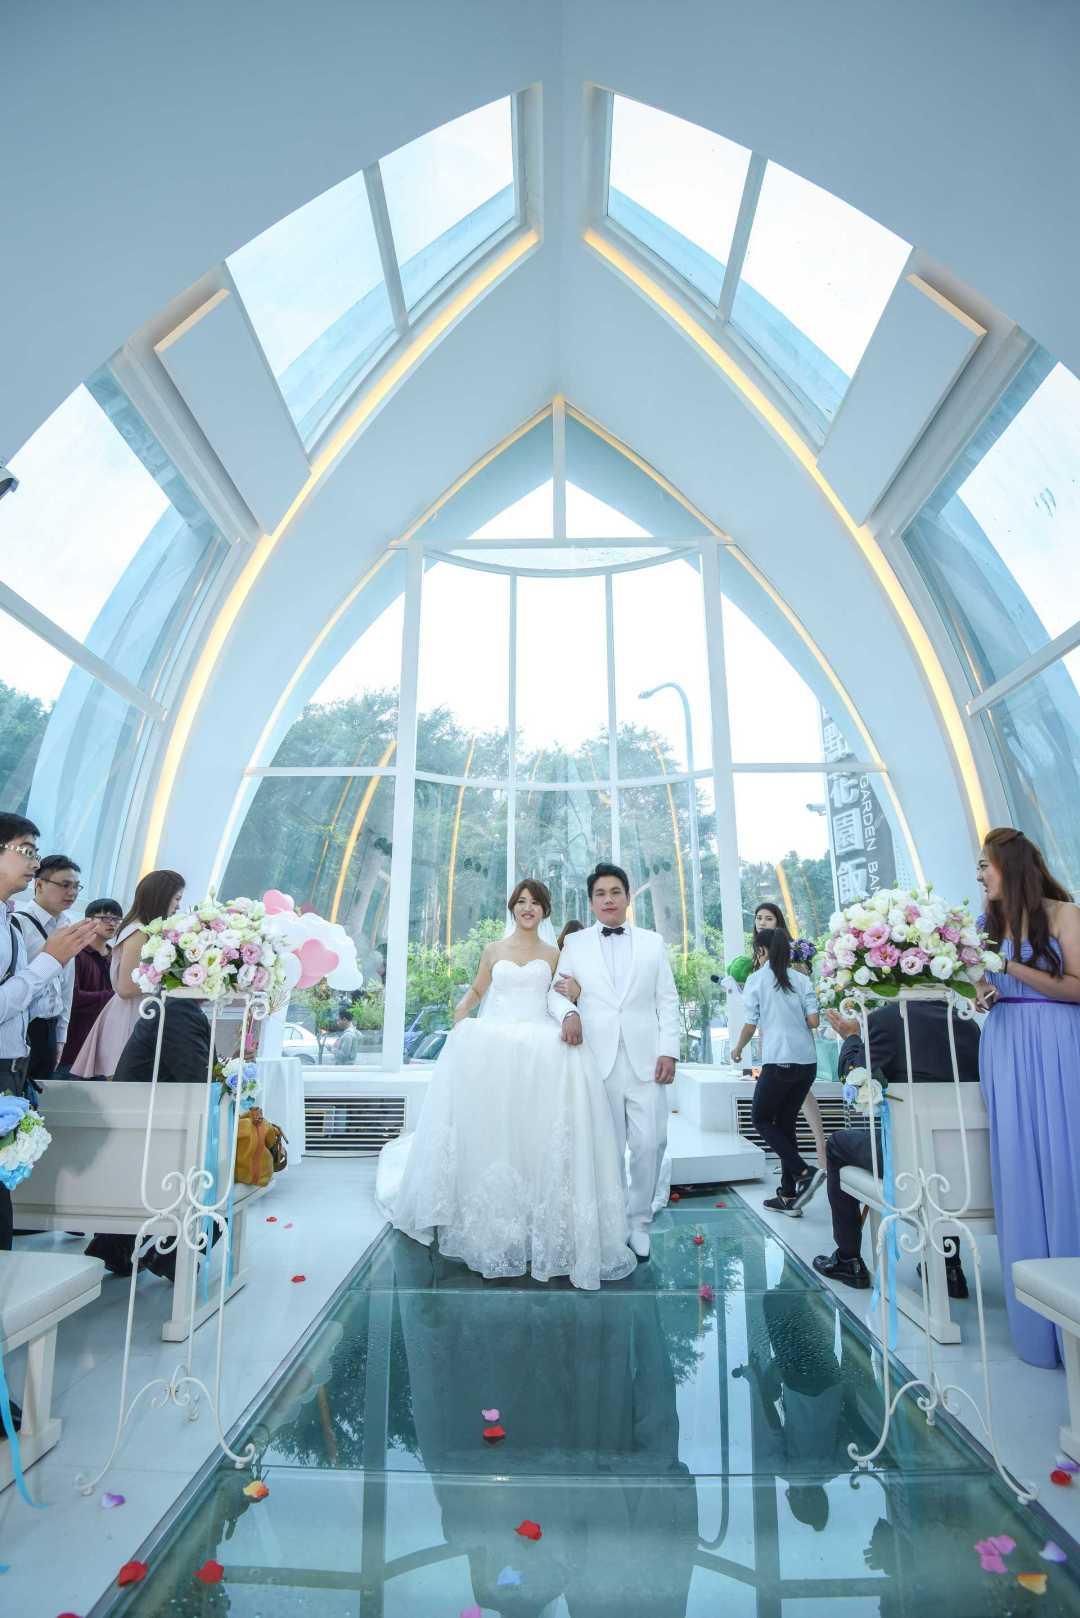 婚禮攝影,婚禮錄影,婚攝推薦,婚禮紀錄